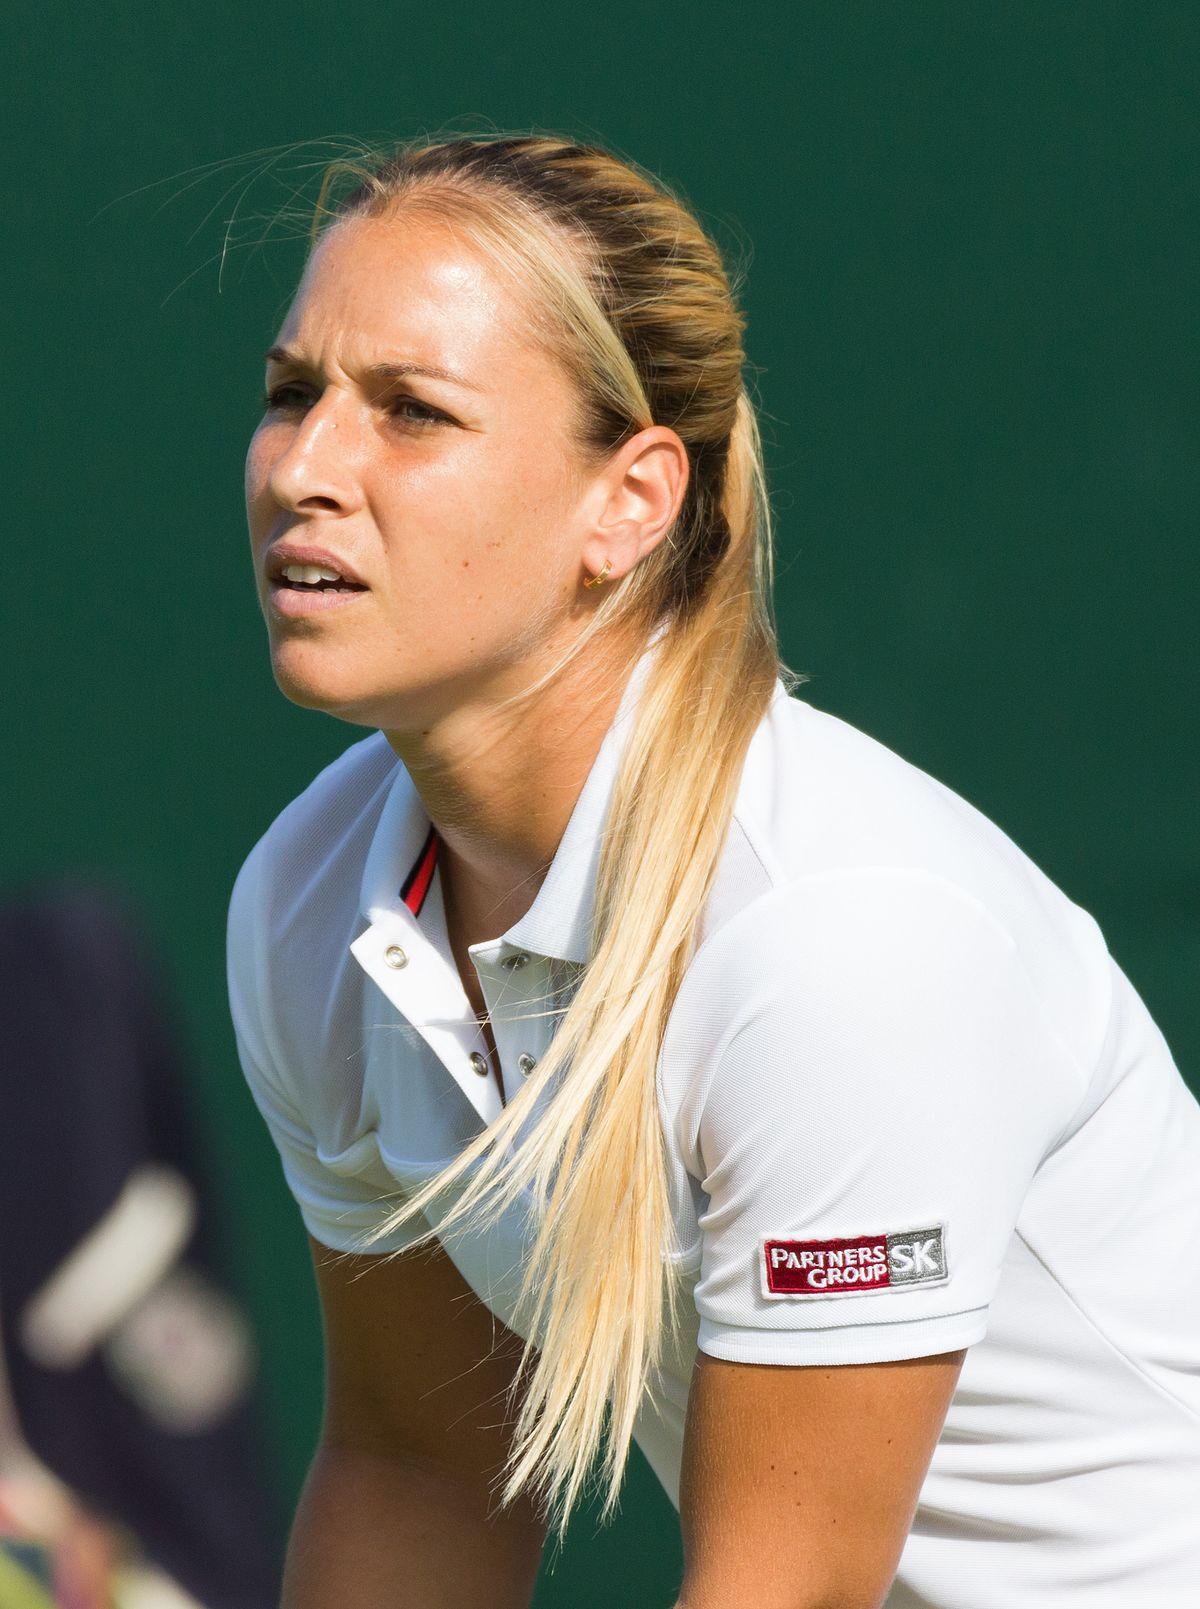 Darja Sergejewna Kassatkina